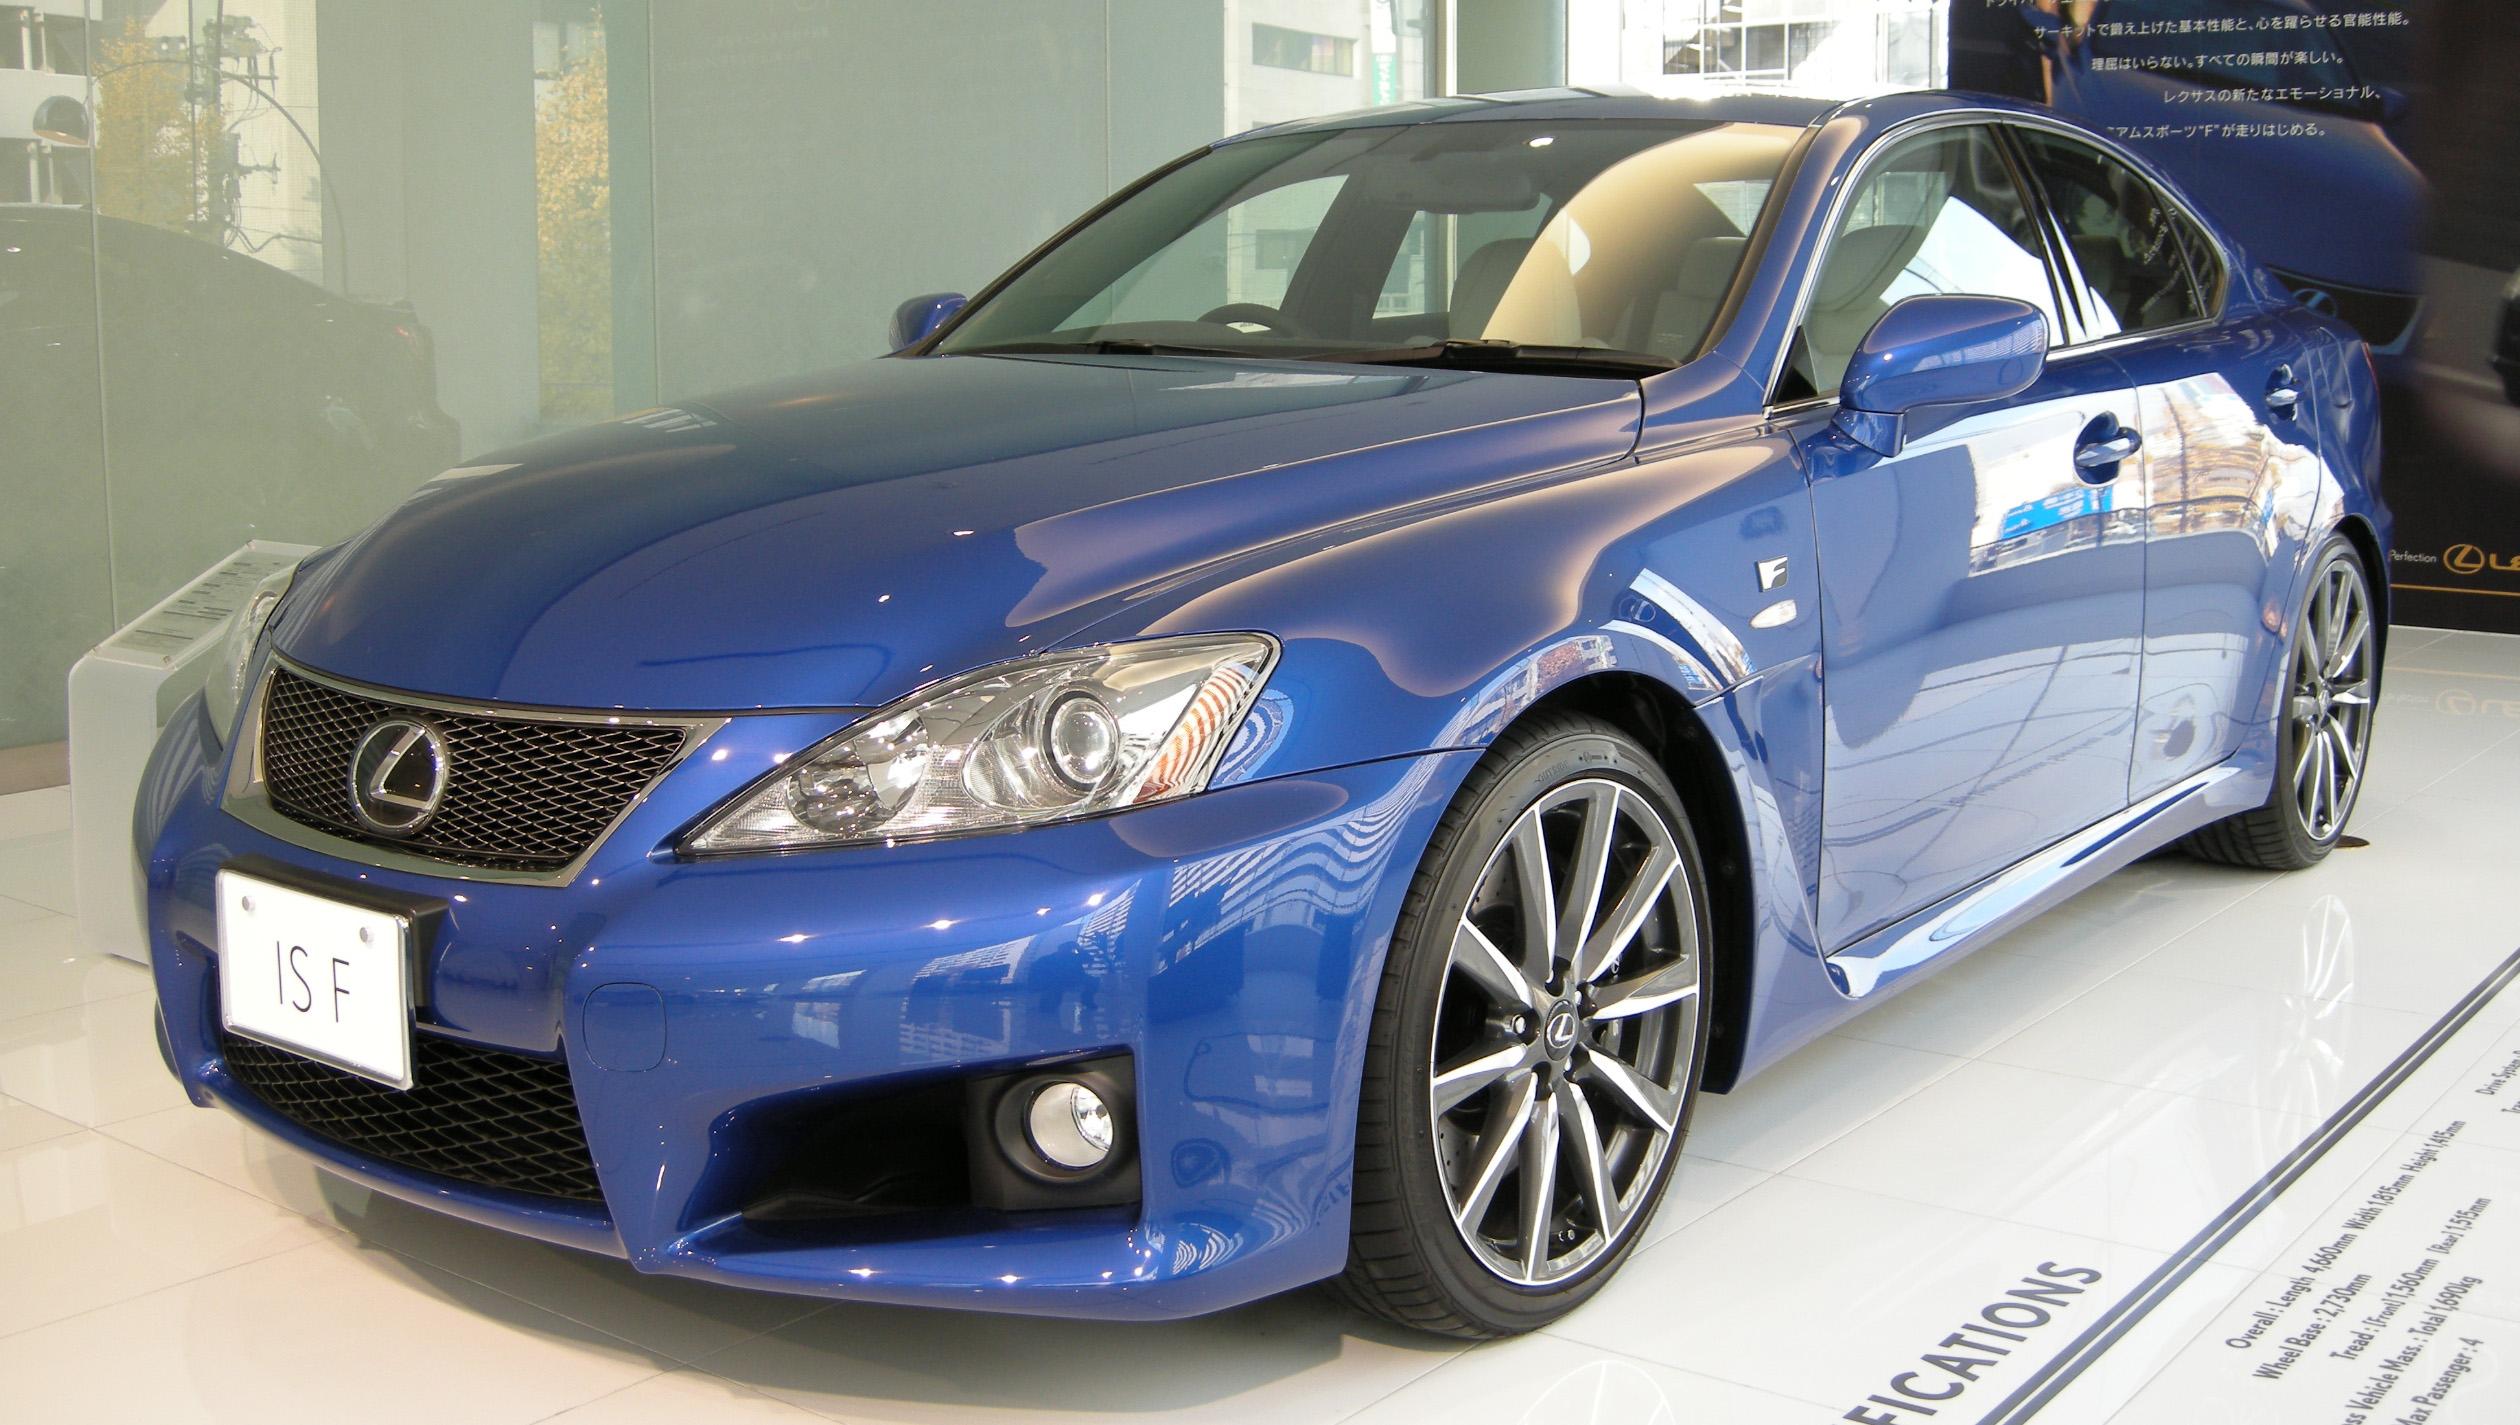 レクサス・is F レクサス Lexus Is 画像まとめ【高級車】 Naver まとめ